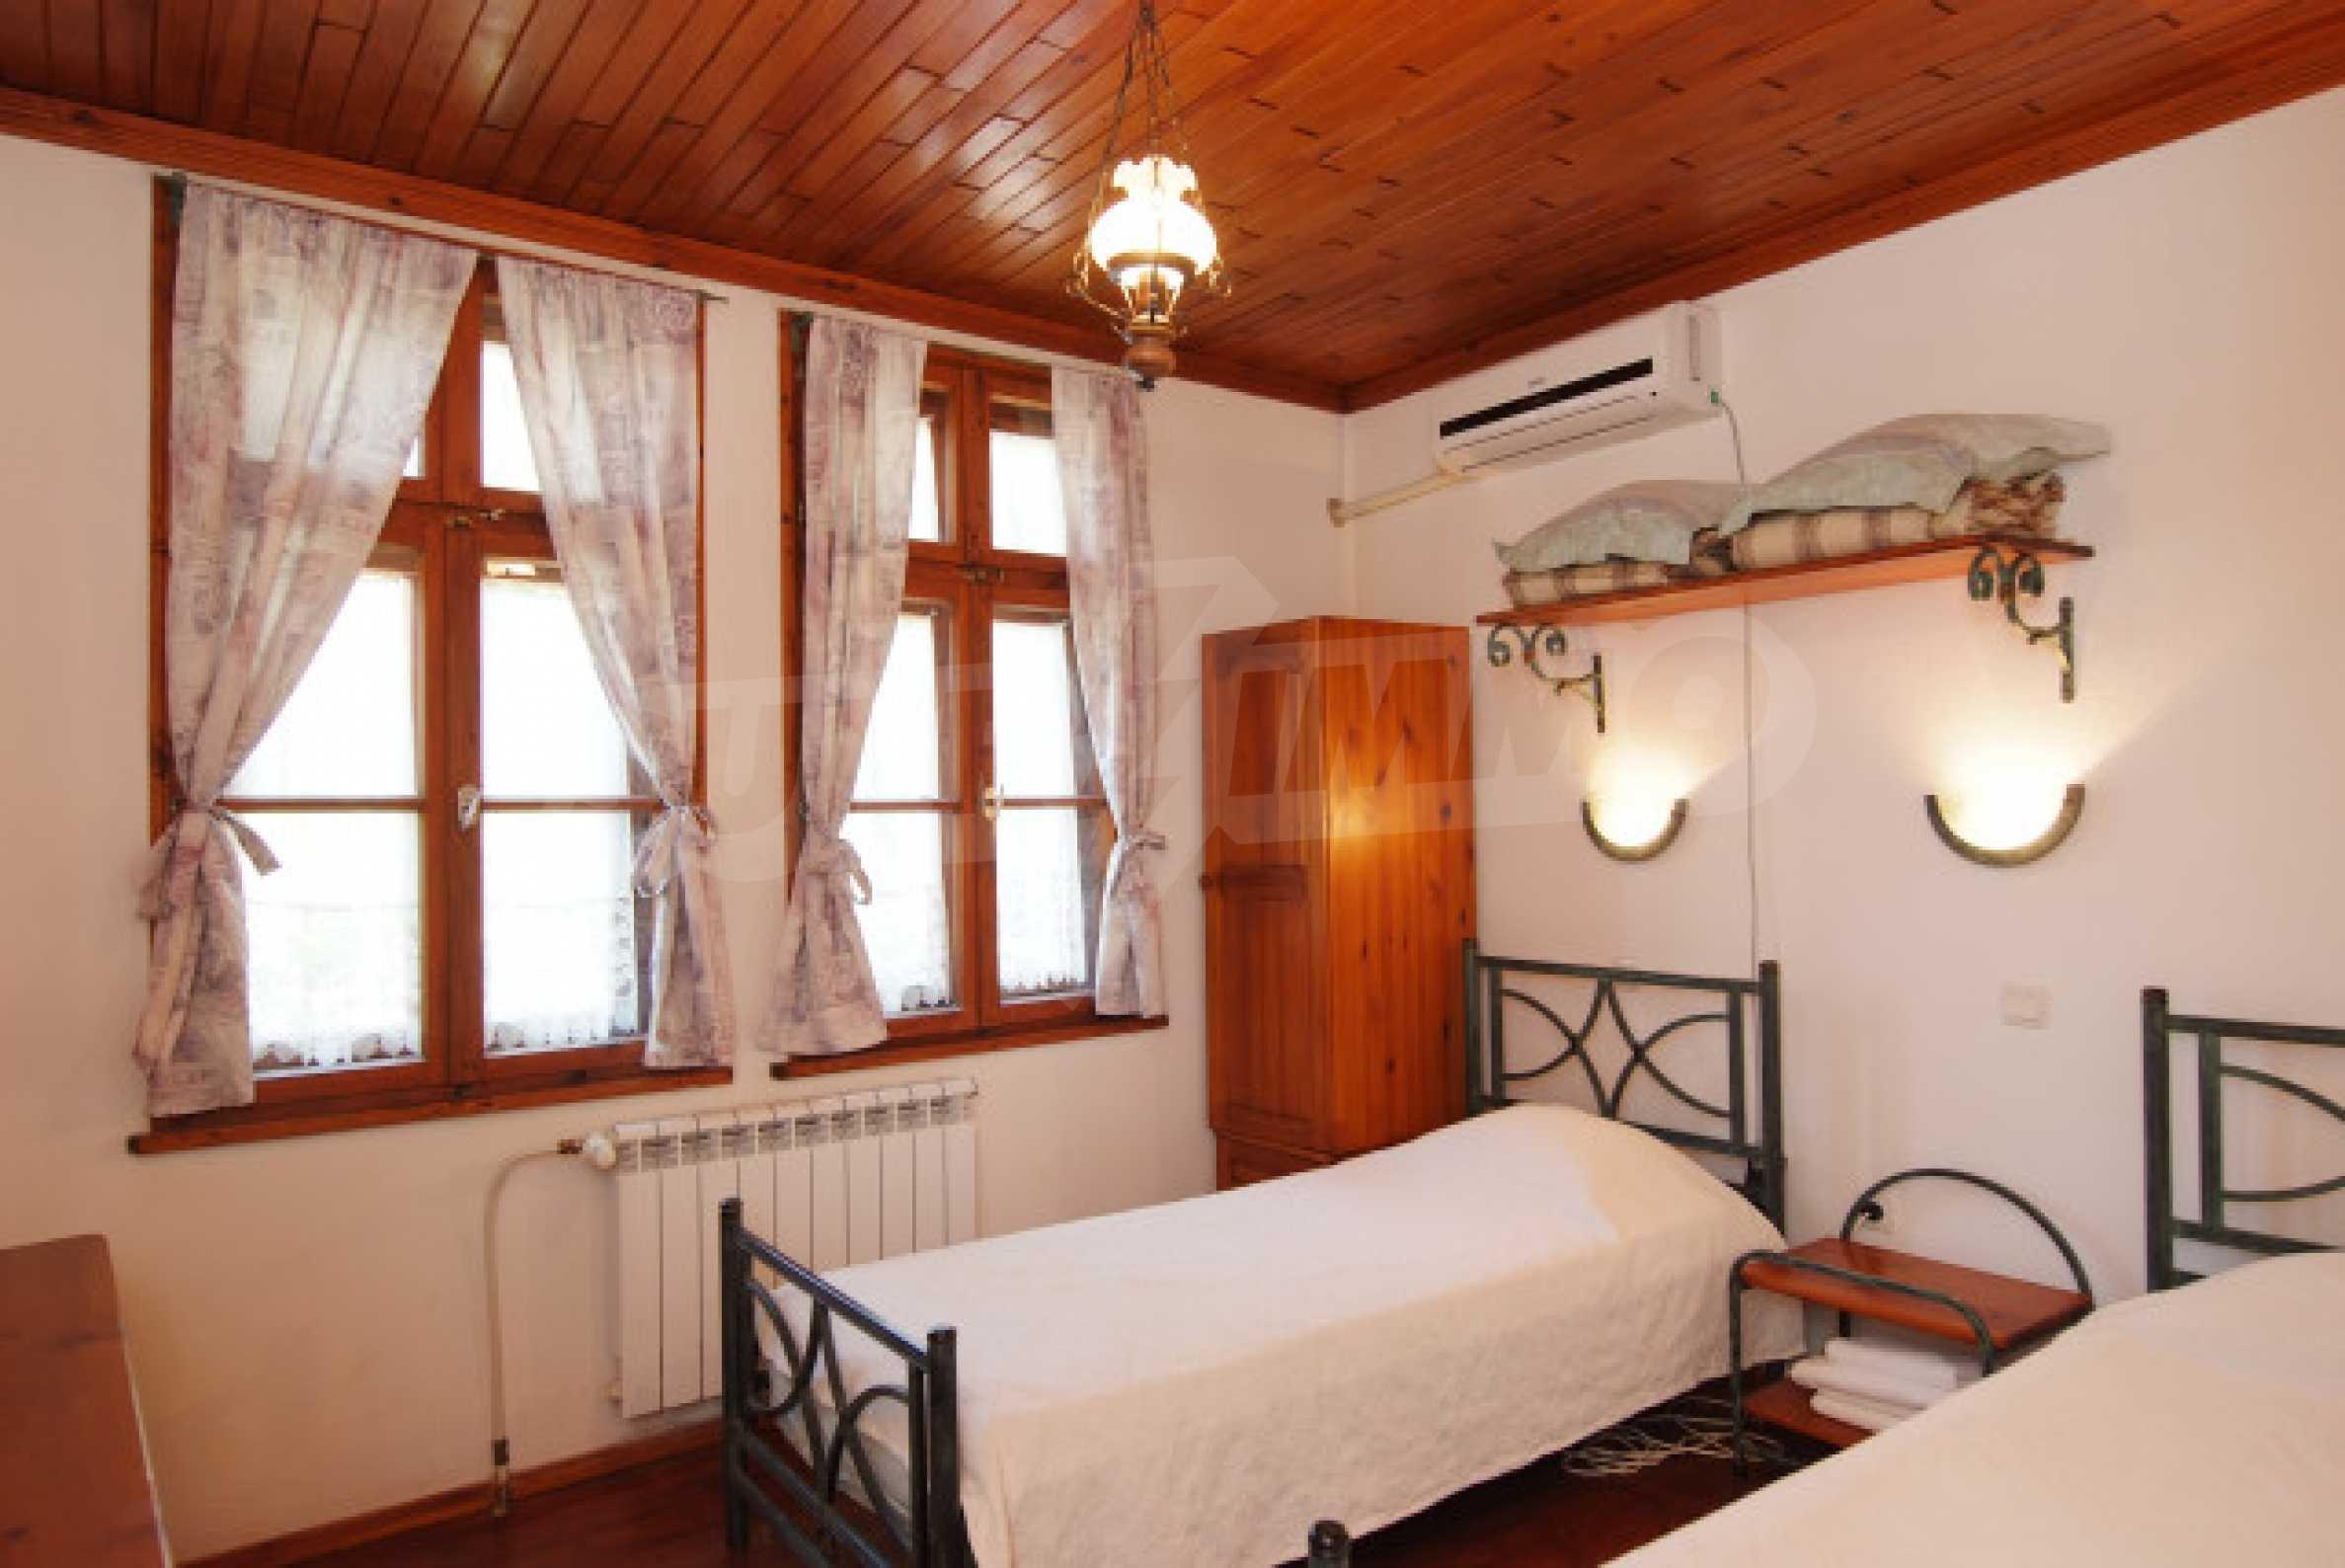 Гостиница, Отель в г. Мелник 19